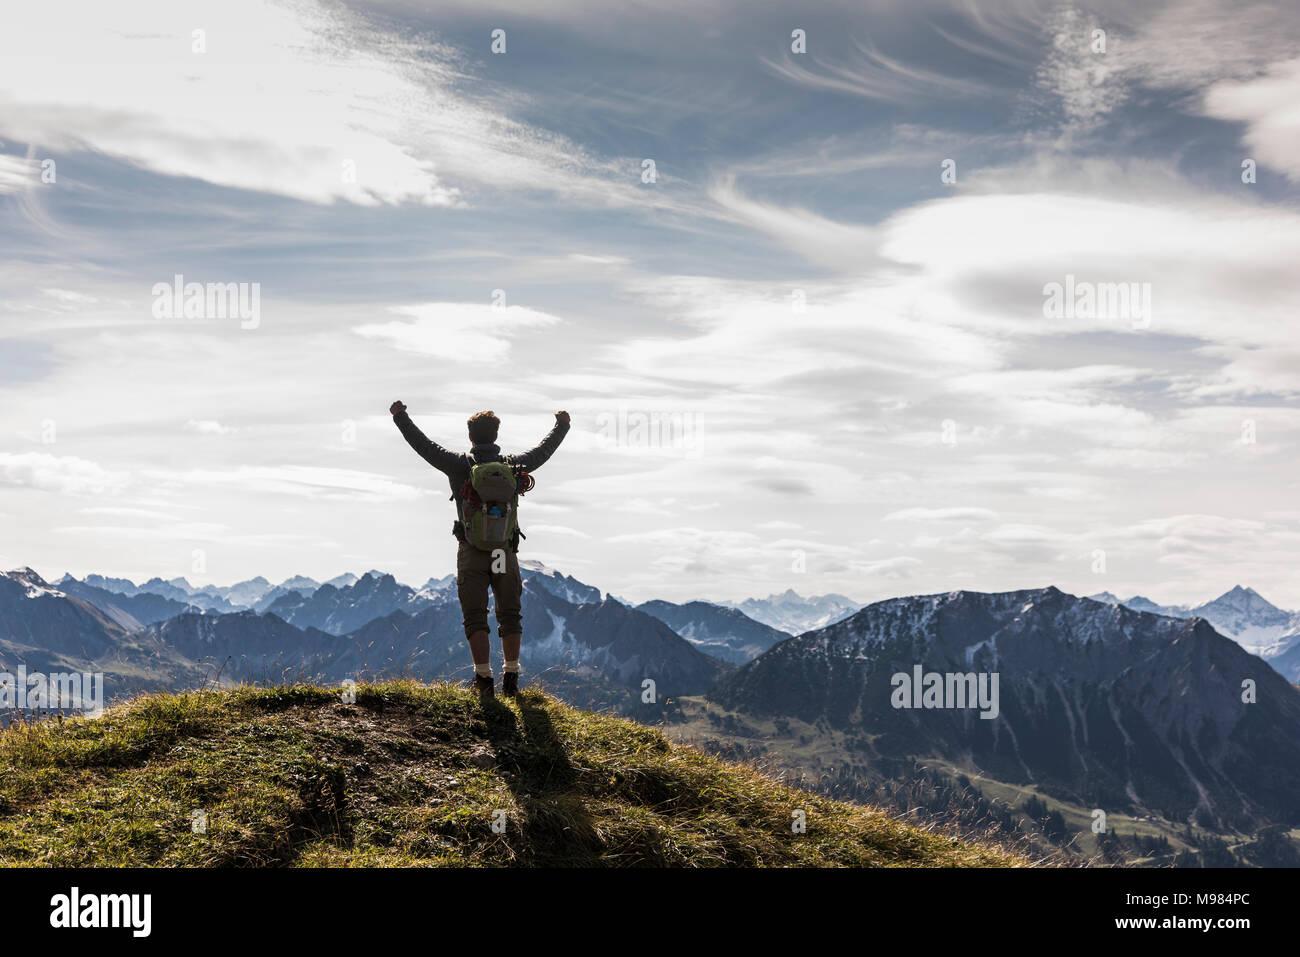 Austria, Tirol, joven parado en mountainscape vítores Imagen De Stock